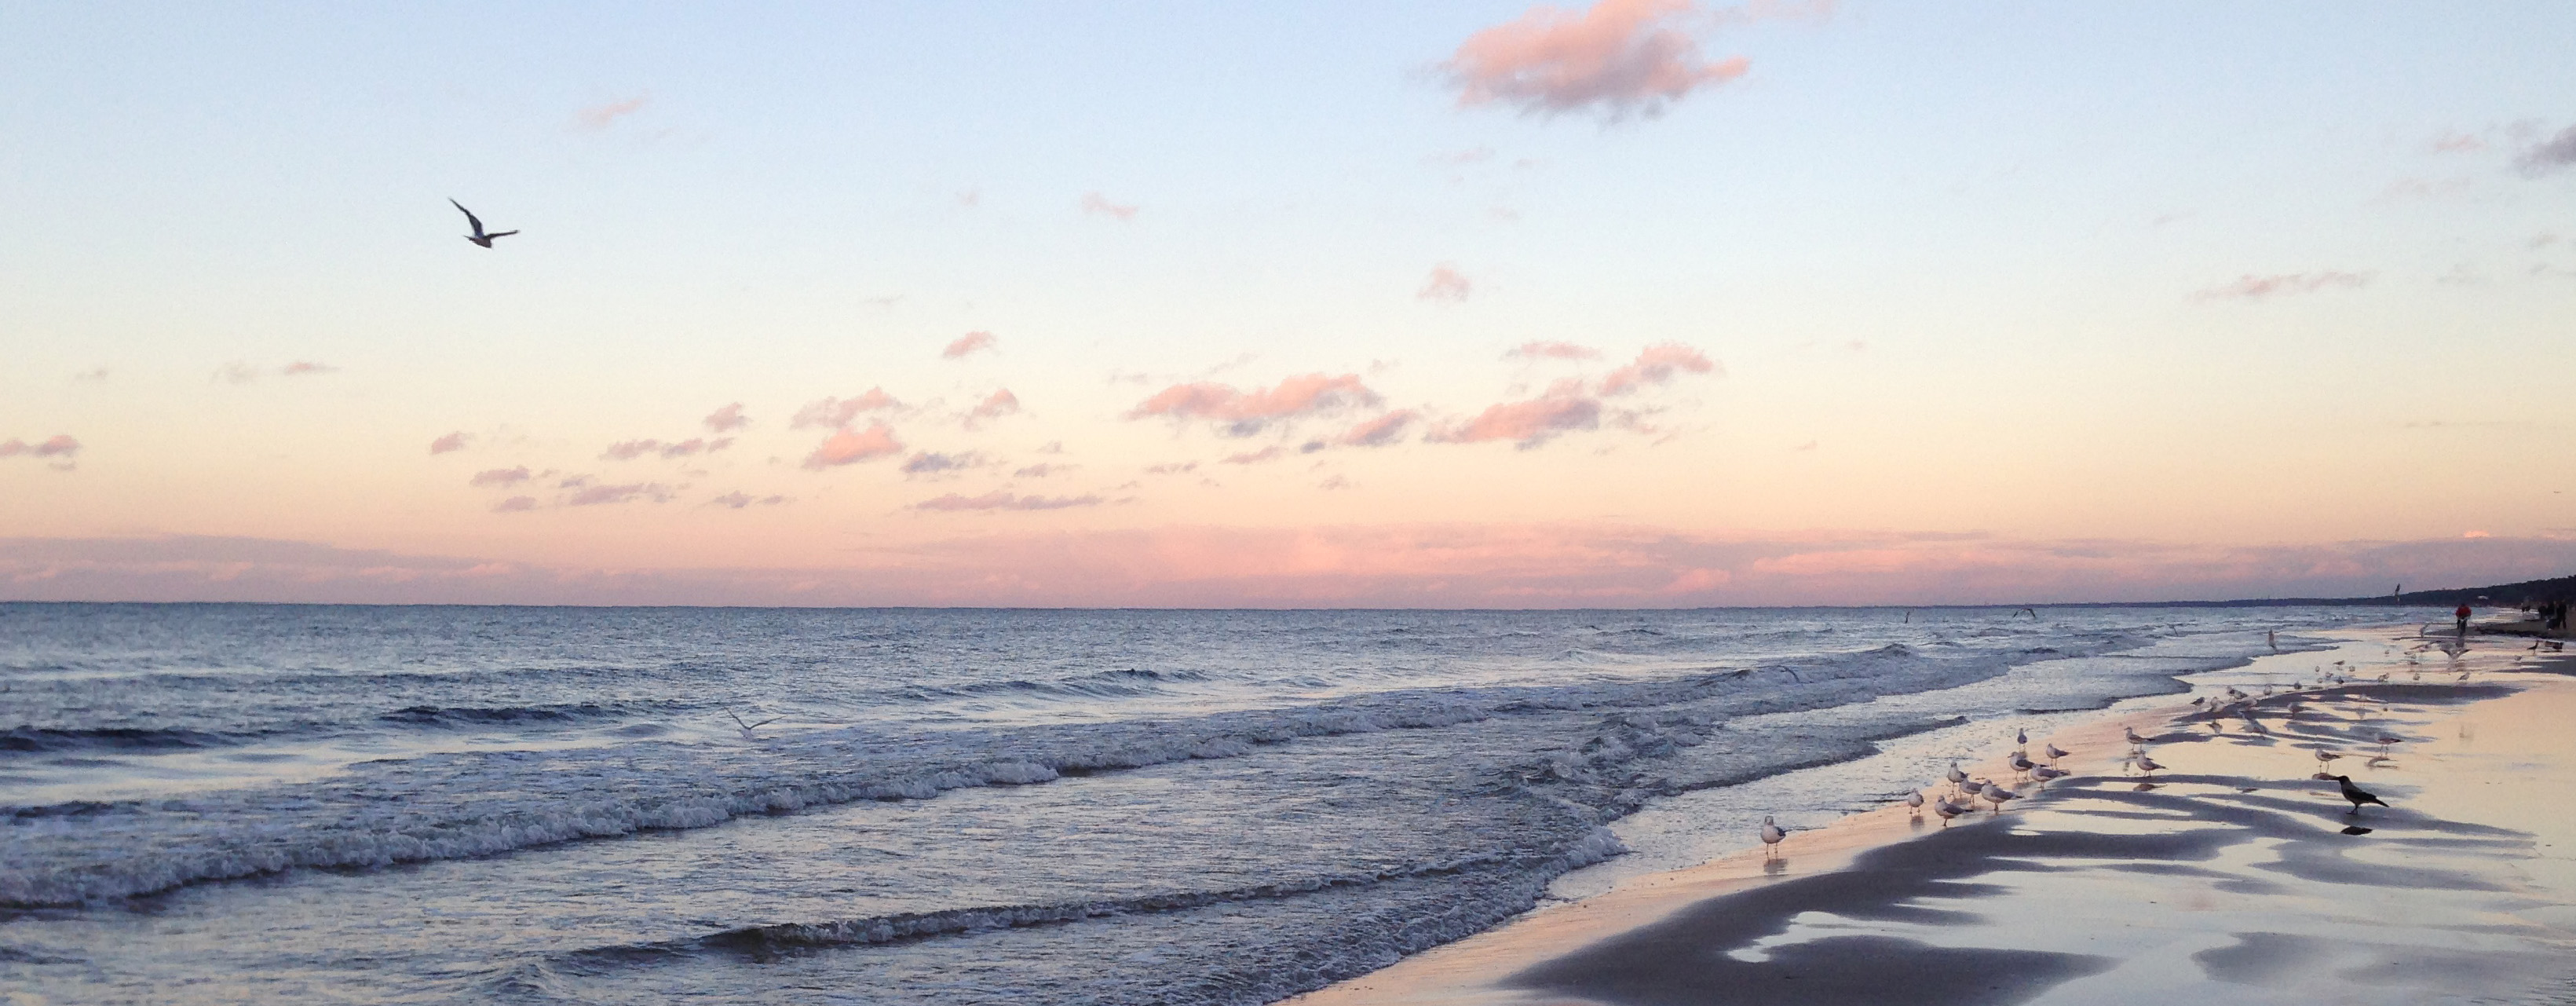 Юрмала закат на море пейзажи природы Альберт Сафиуллин